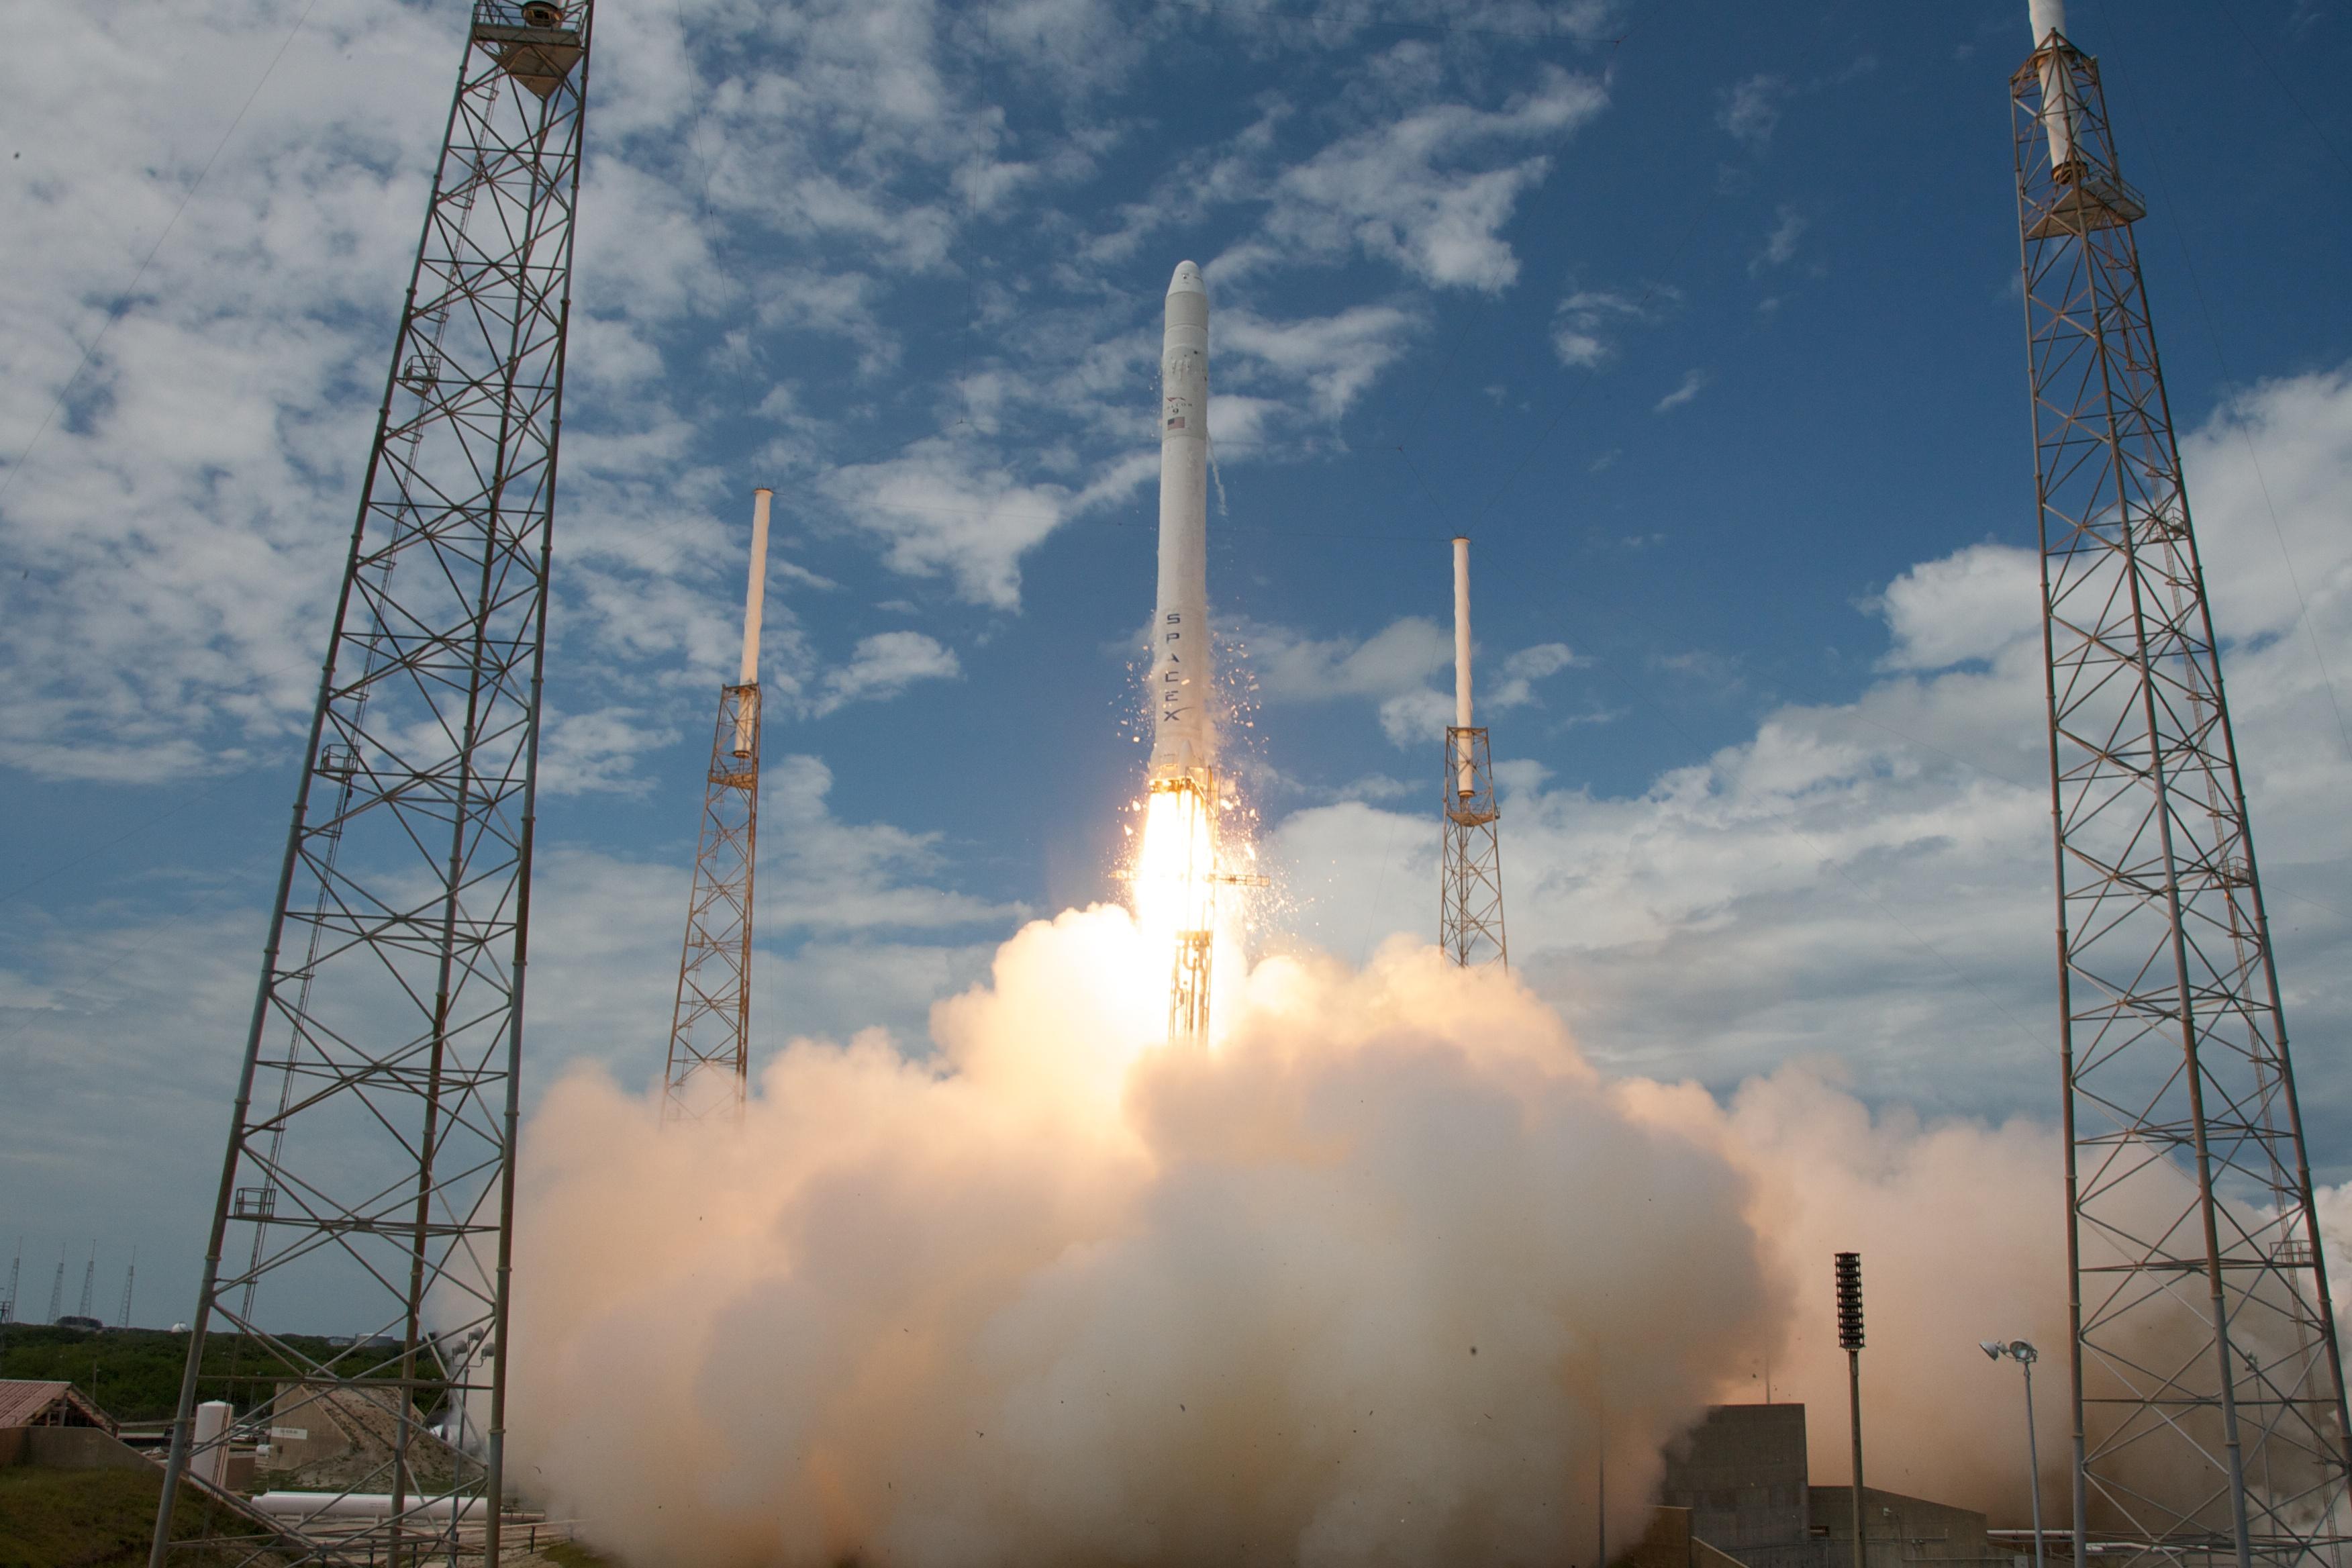 4. SpaceX Falcon 9